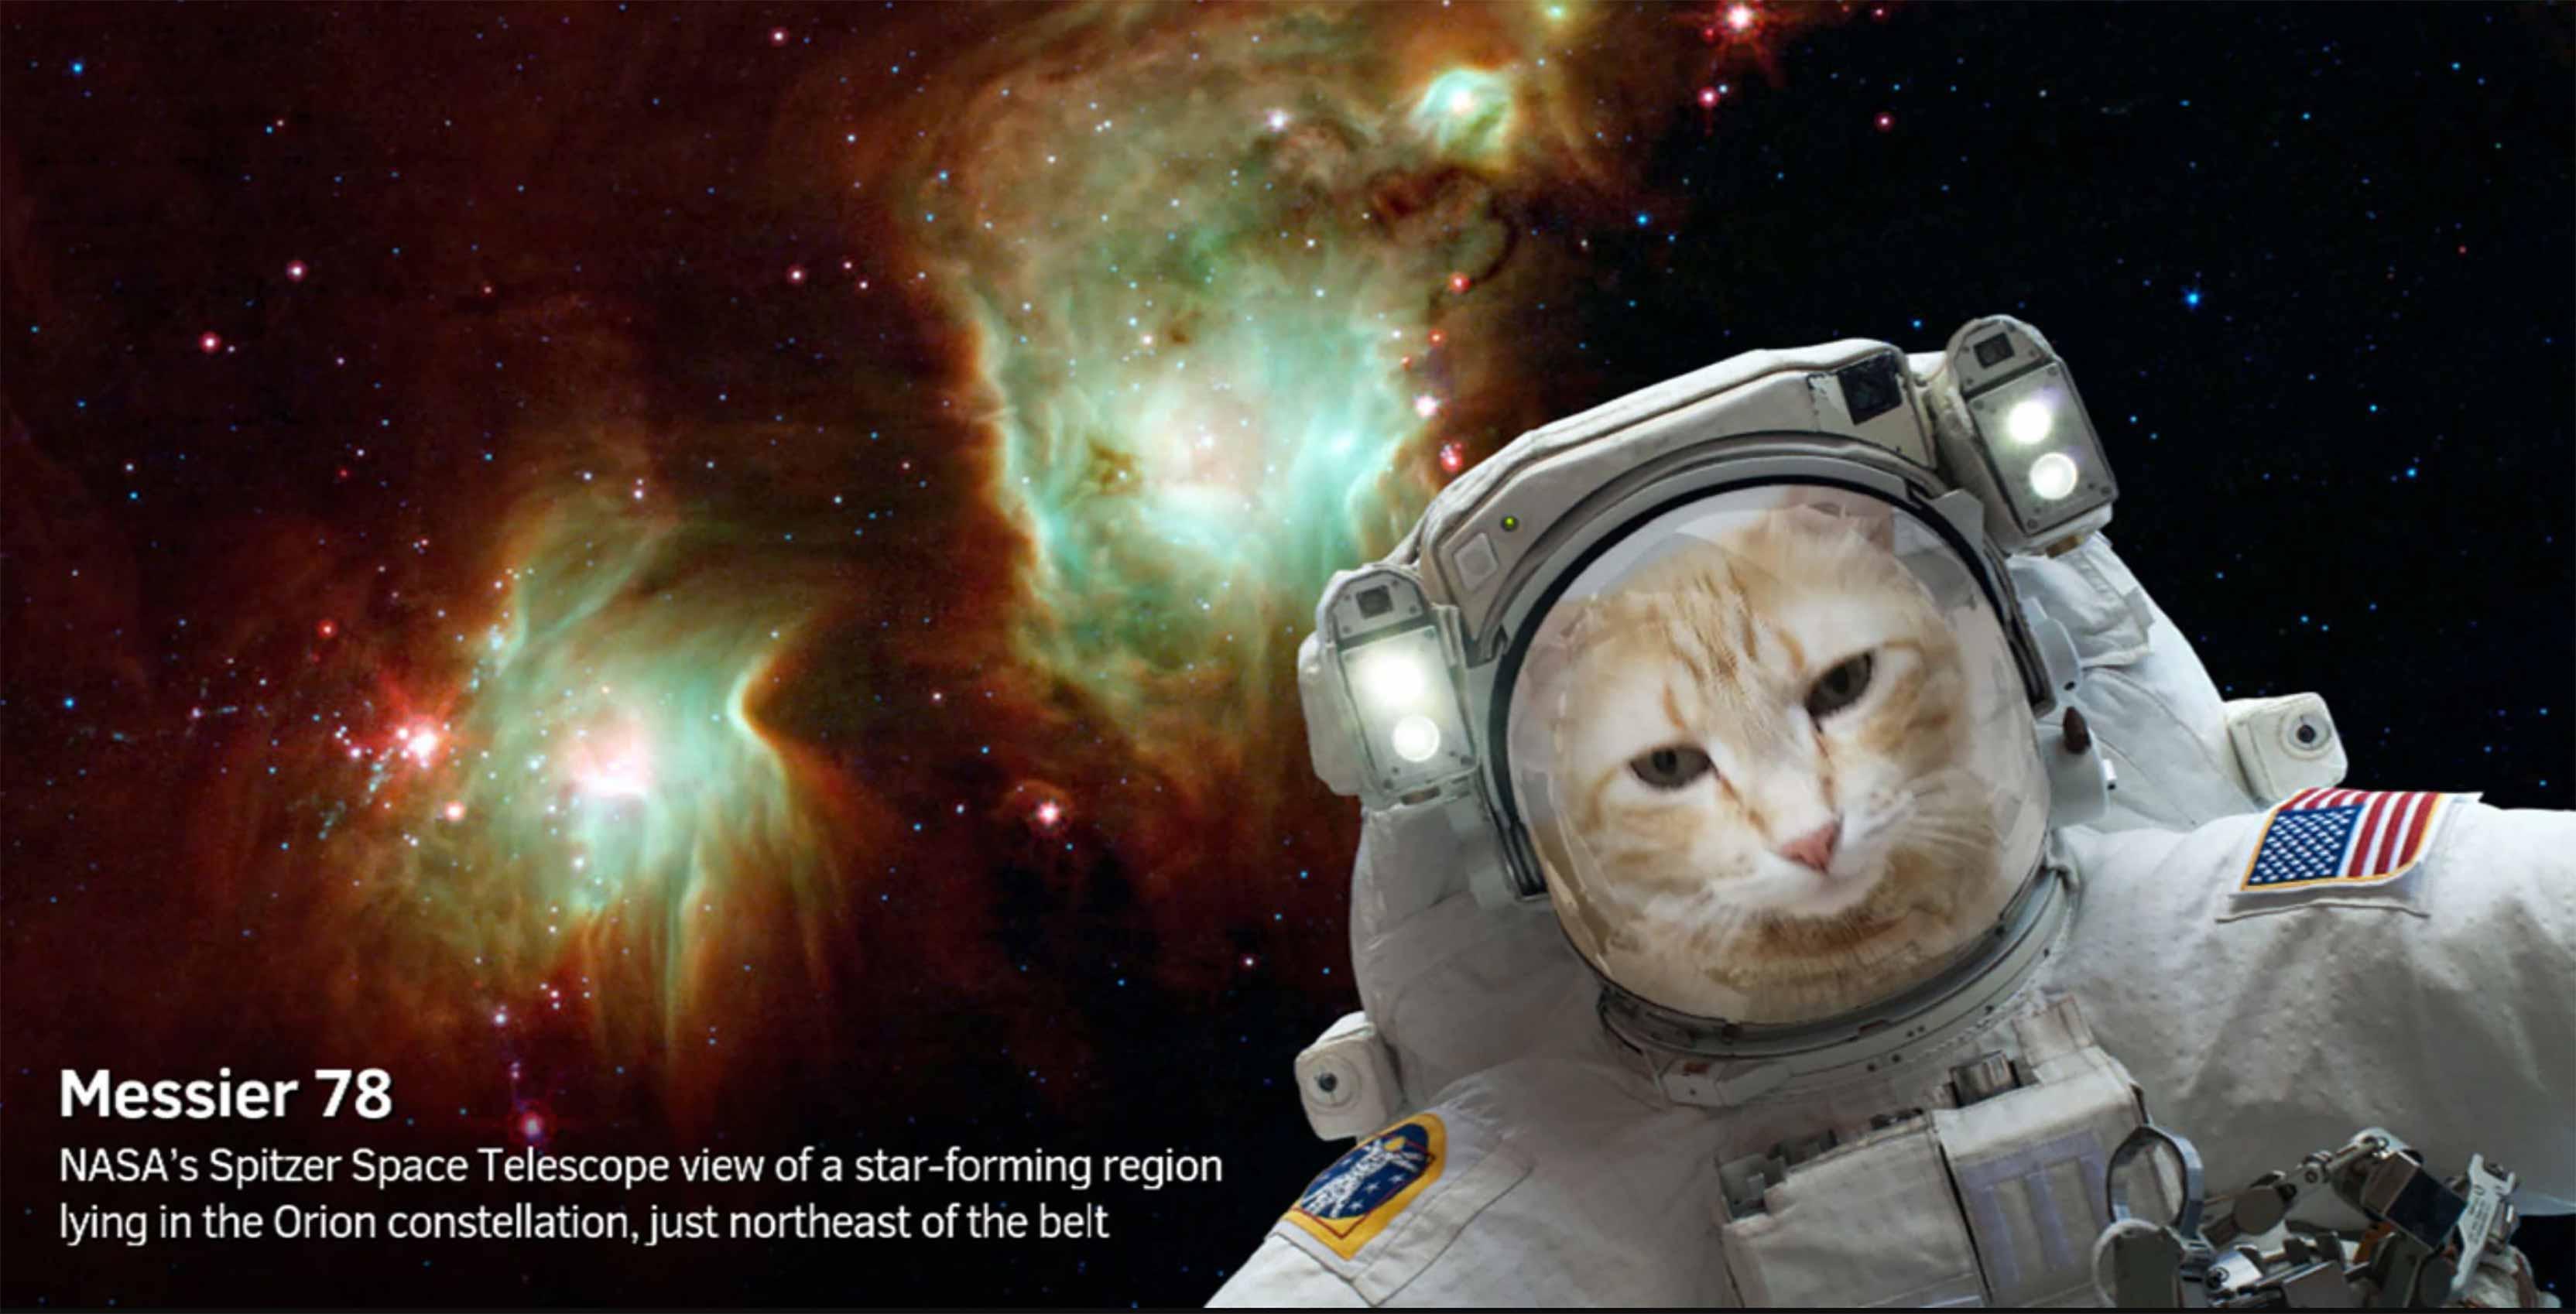 NASA catstronaut